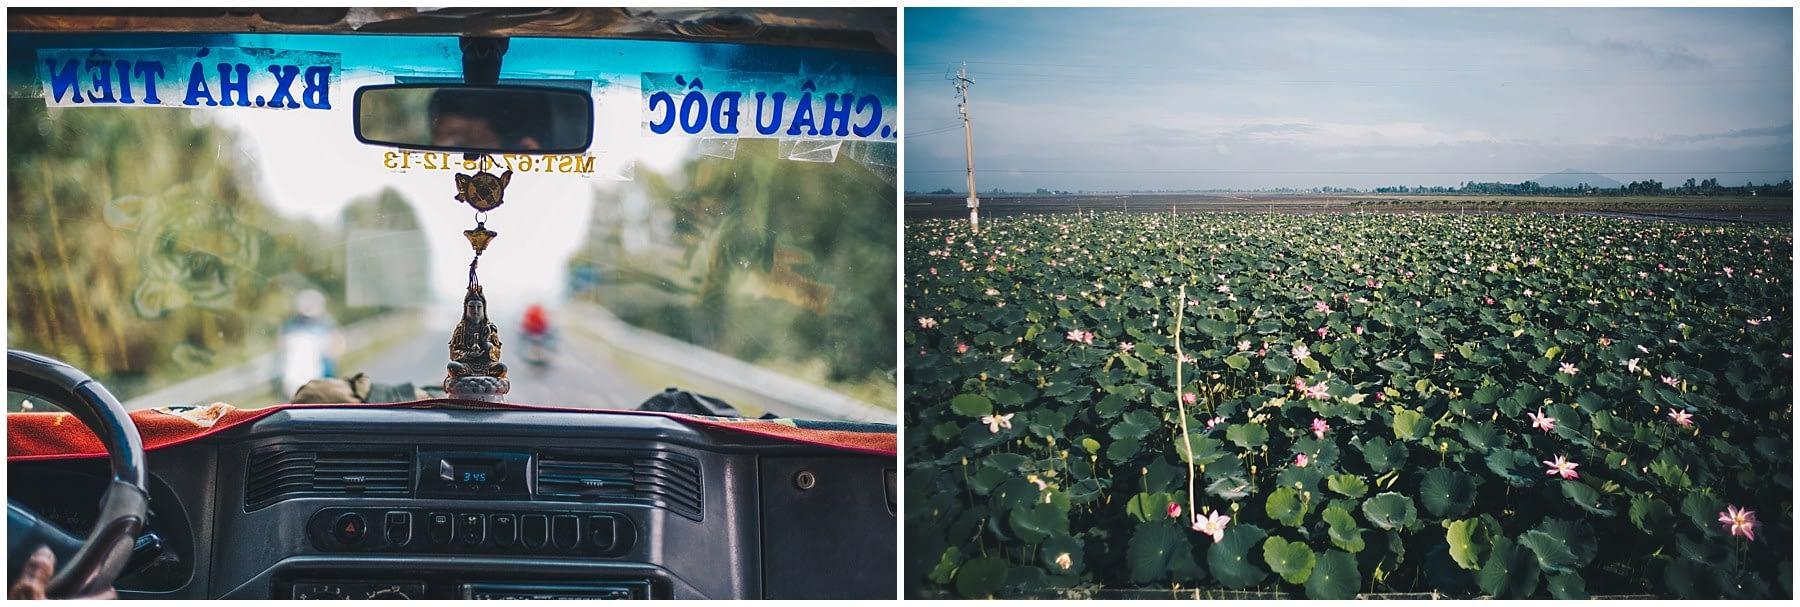 Chau Doc_0002.jpg